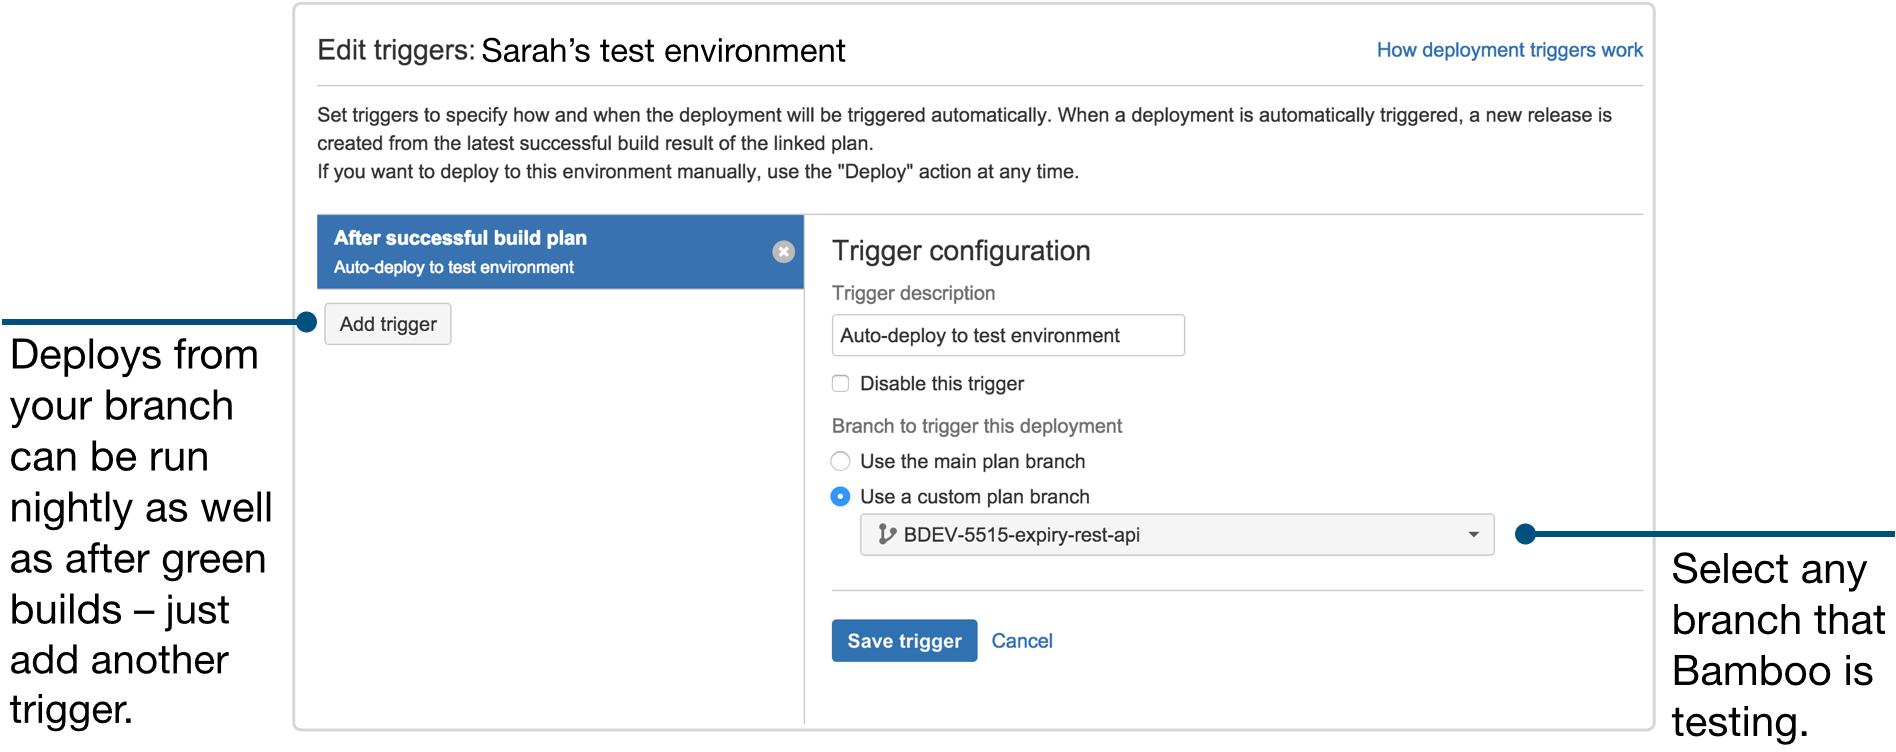 Captura de tela do ambiente de teste